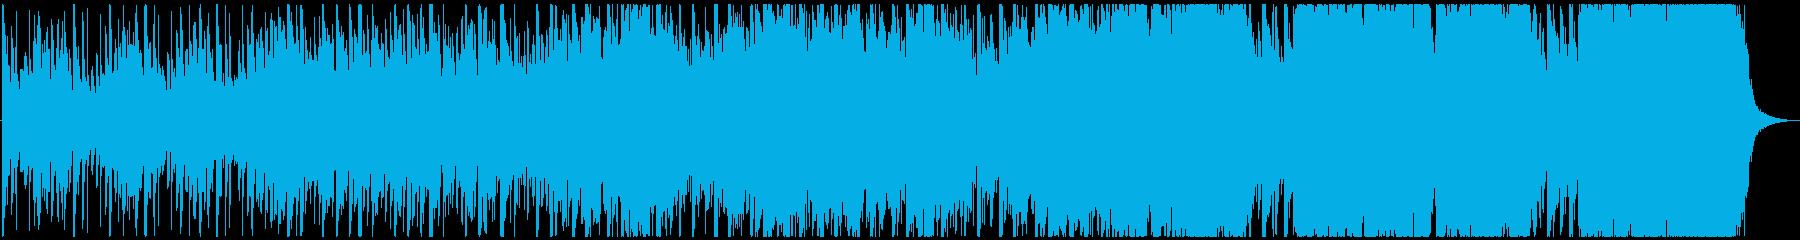 【ハーフサイズ】CMや結婚式 壮大ポップの再生済みの波形